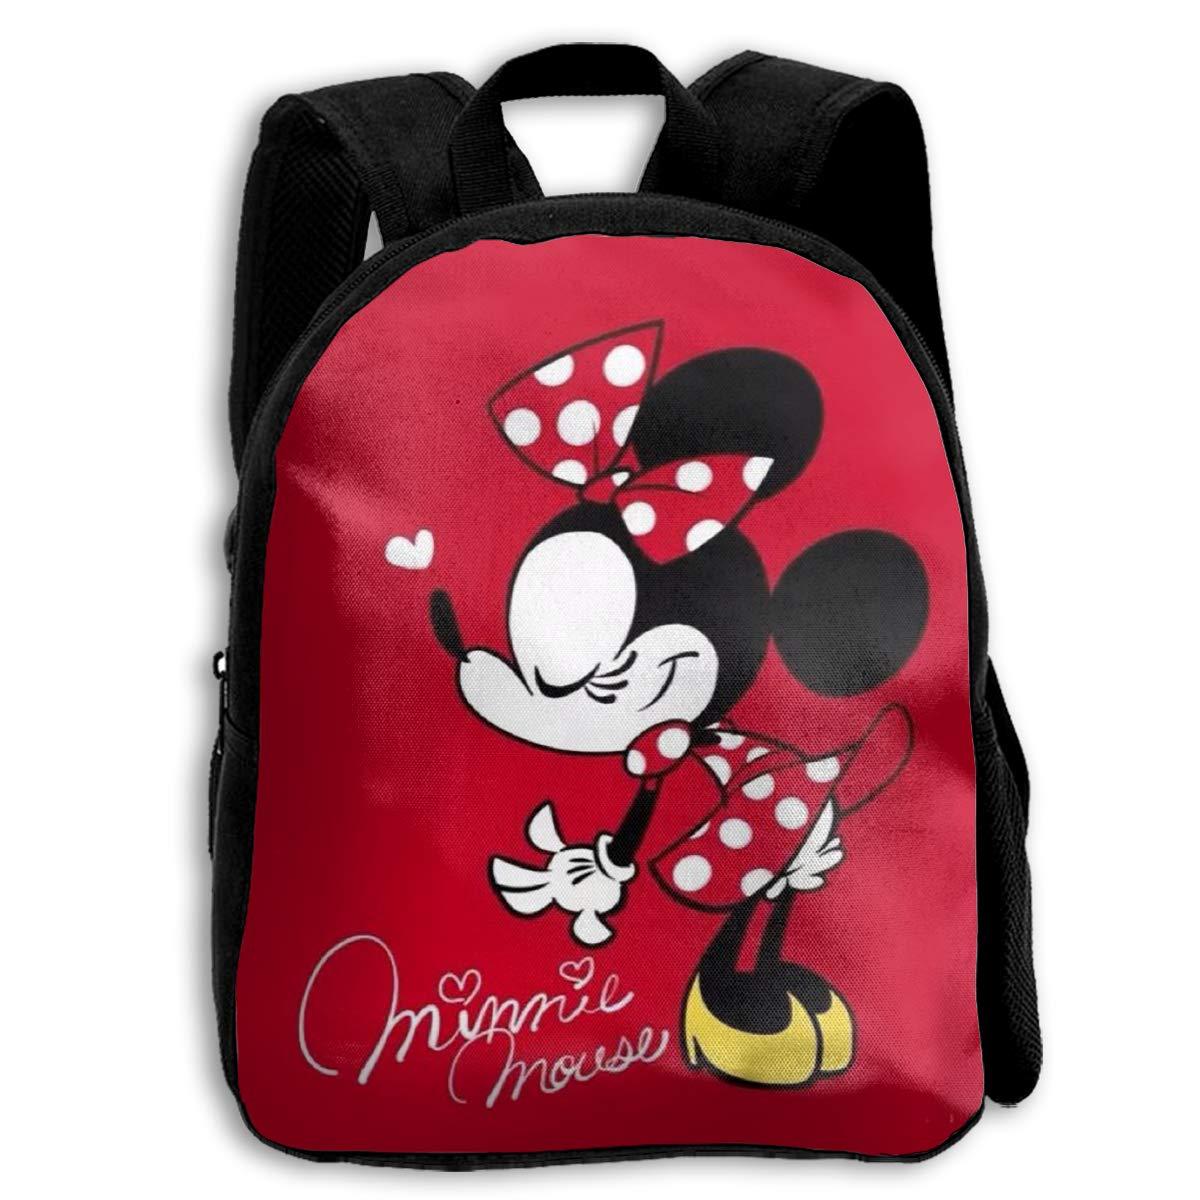 CHLING キッズバックパック 美しいミニーマウスプリント 子供用 スクールバッグ ティーンエイジャー ブックバッグ 男の子 女の子用   B07PWVB733